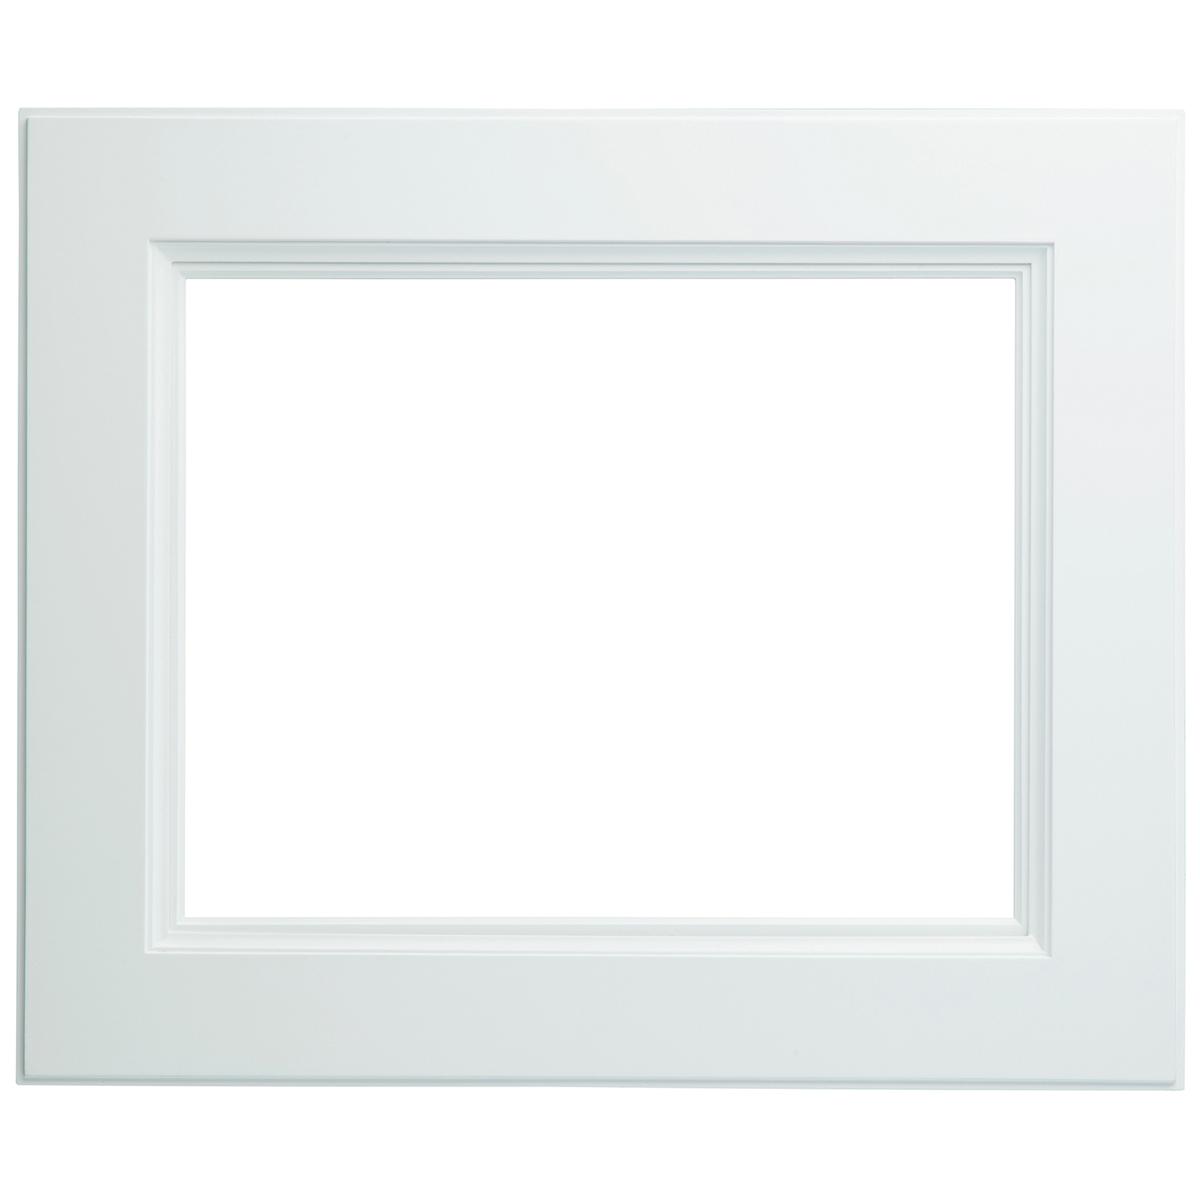 【大型便・時間指定不可】ラーソン・ジュール 油絵用額縁 A263 F20 ホワイト